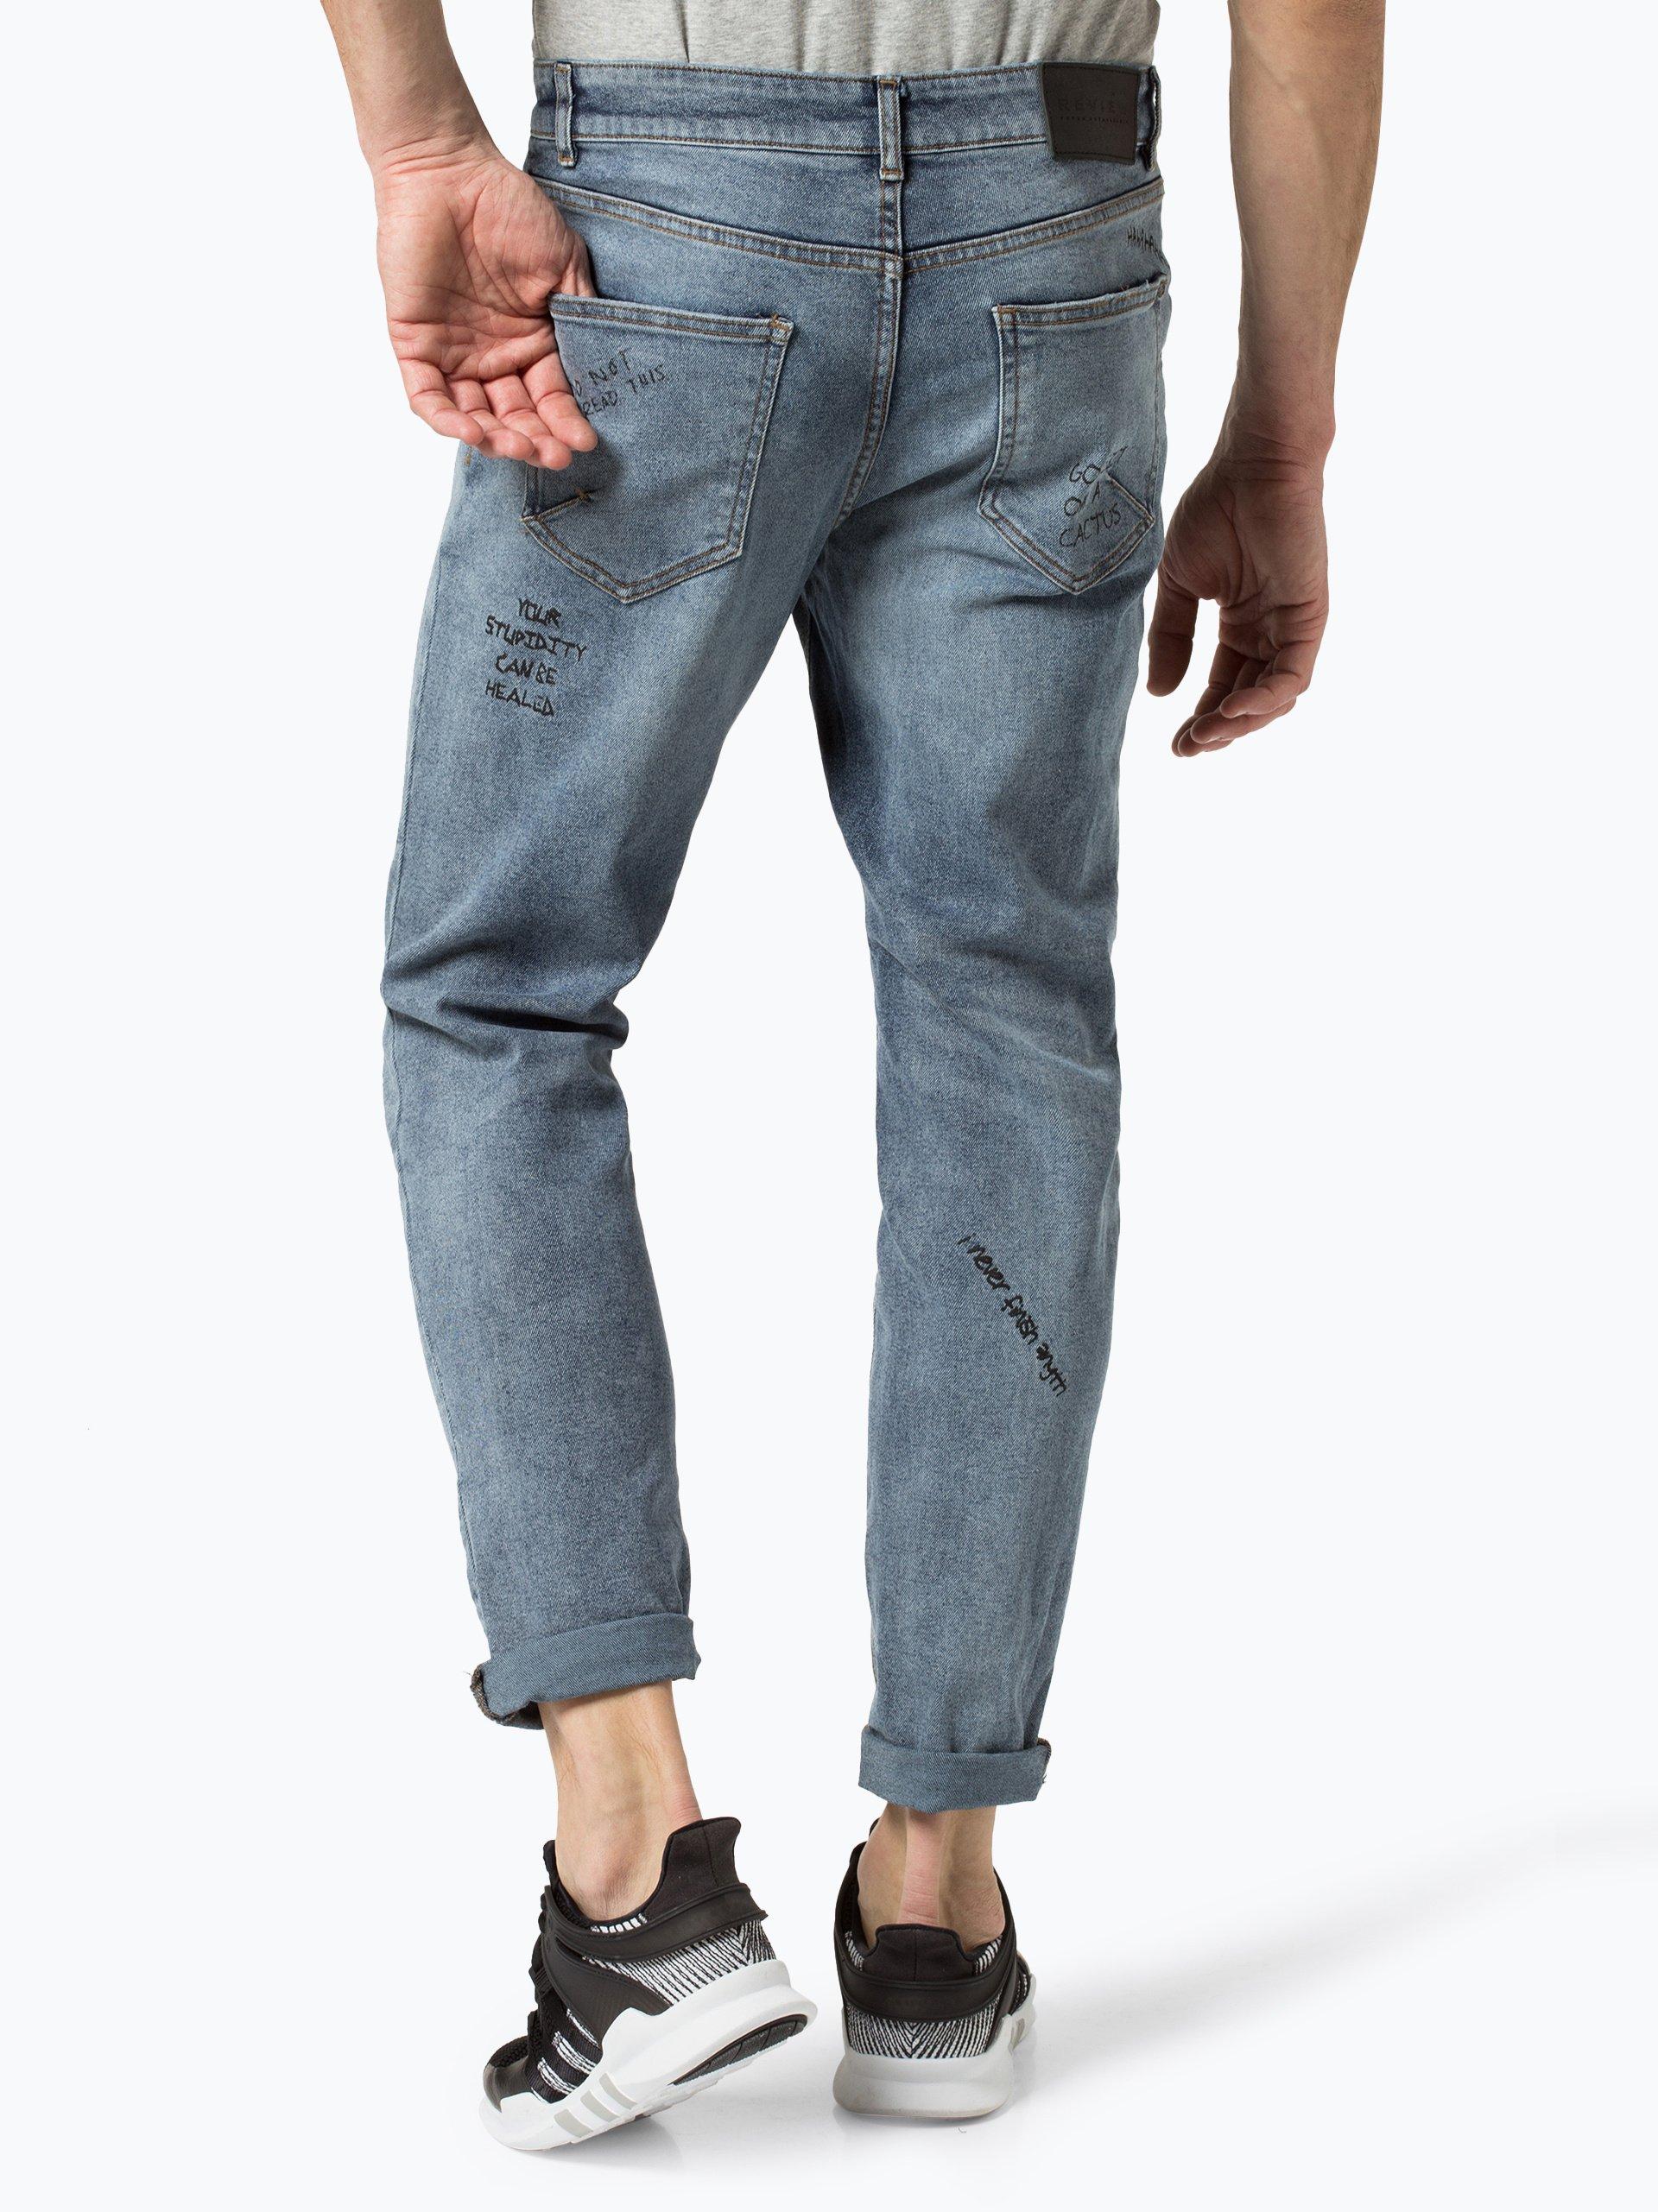 Review Herren Jeans